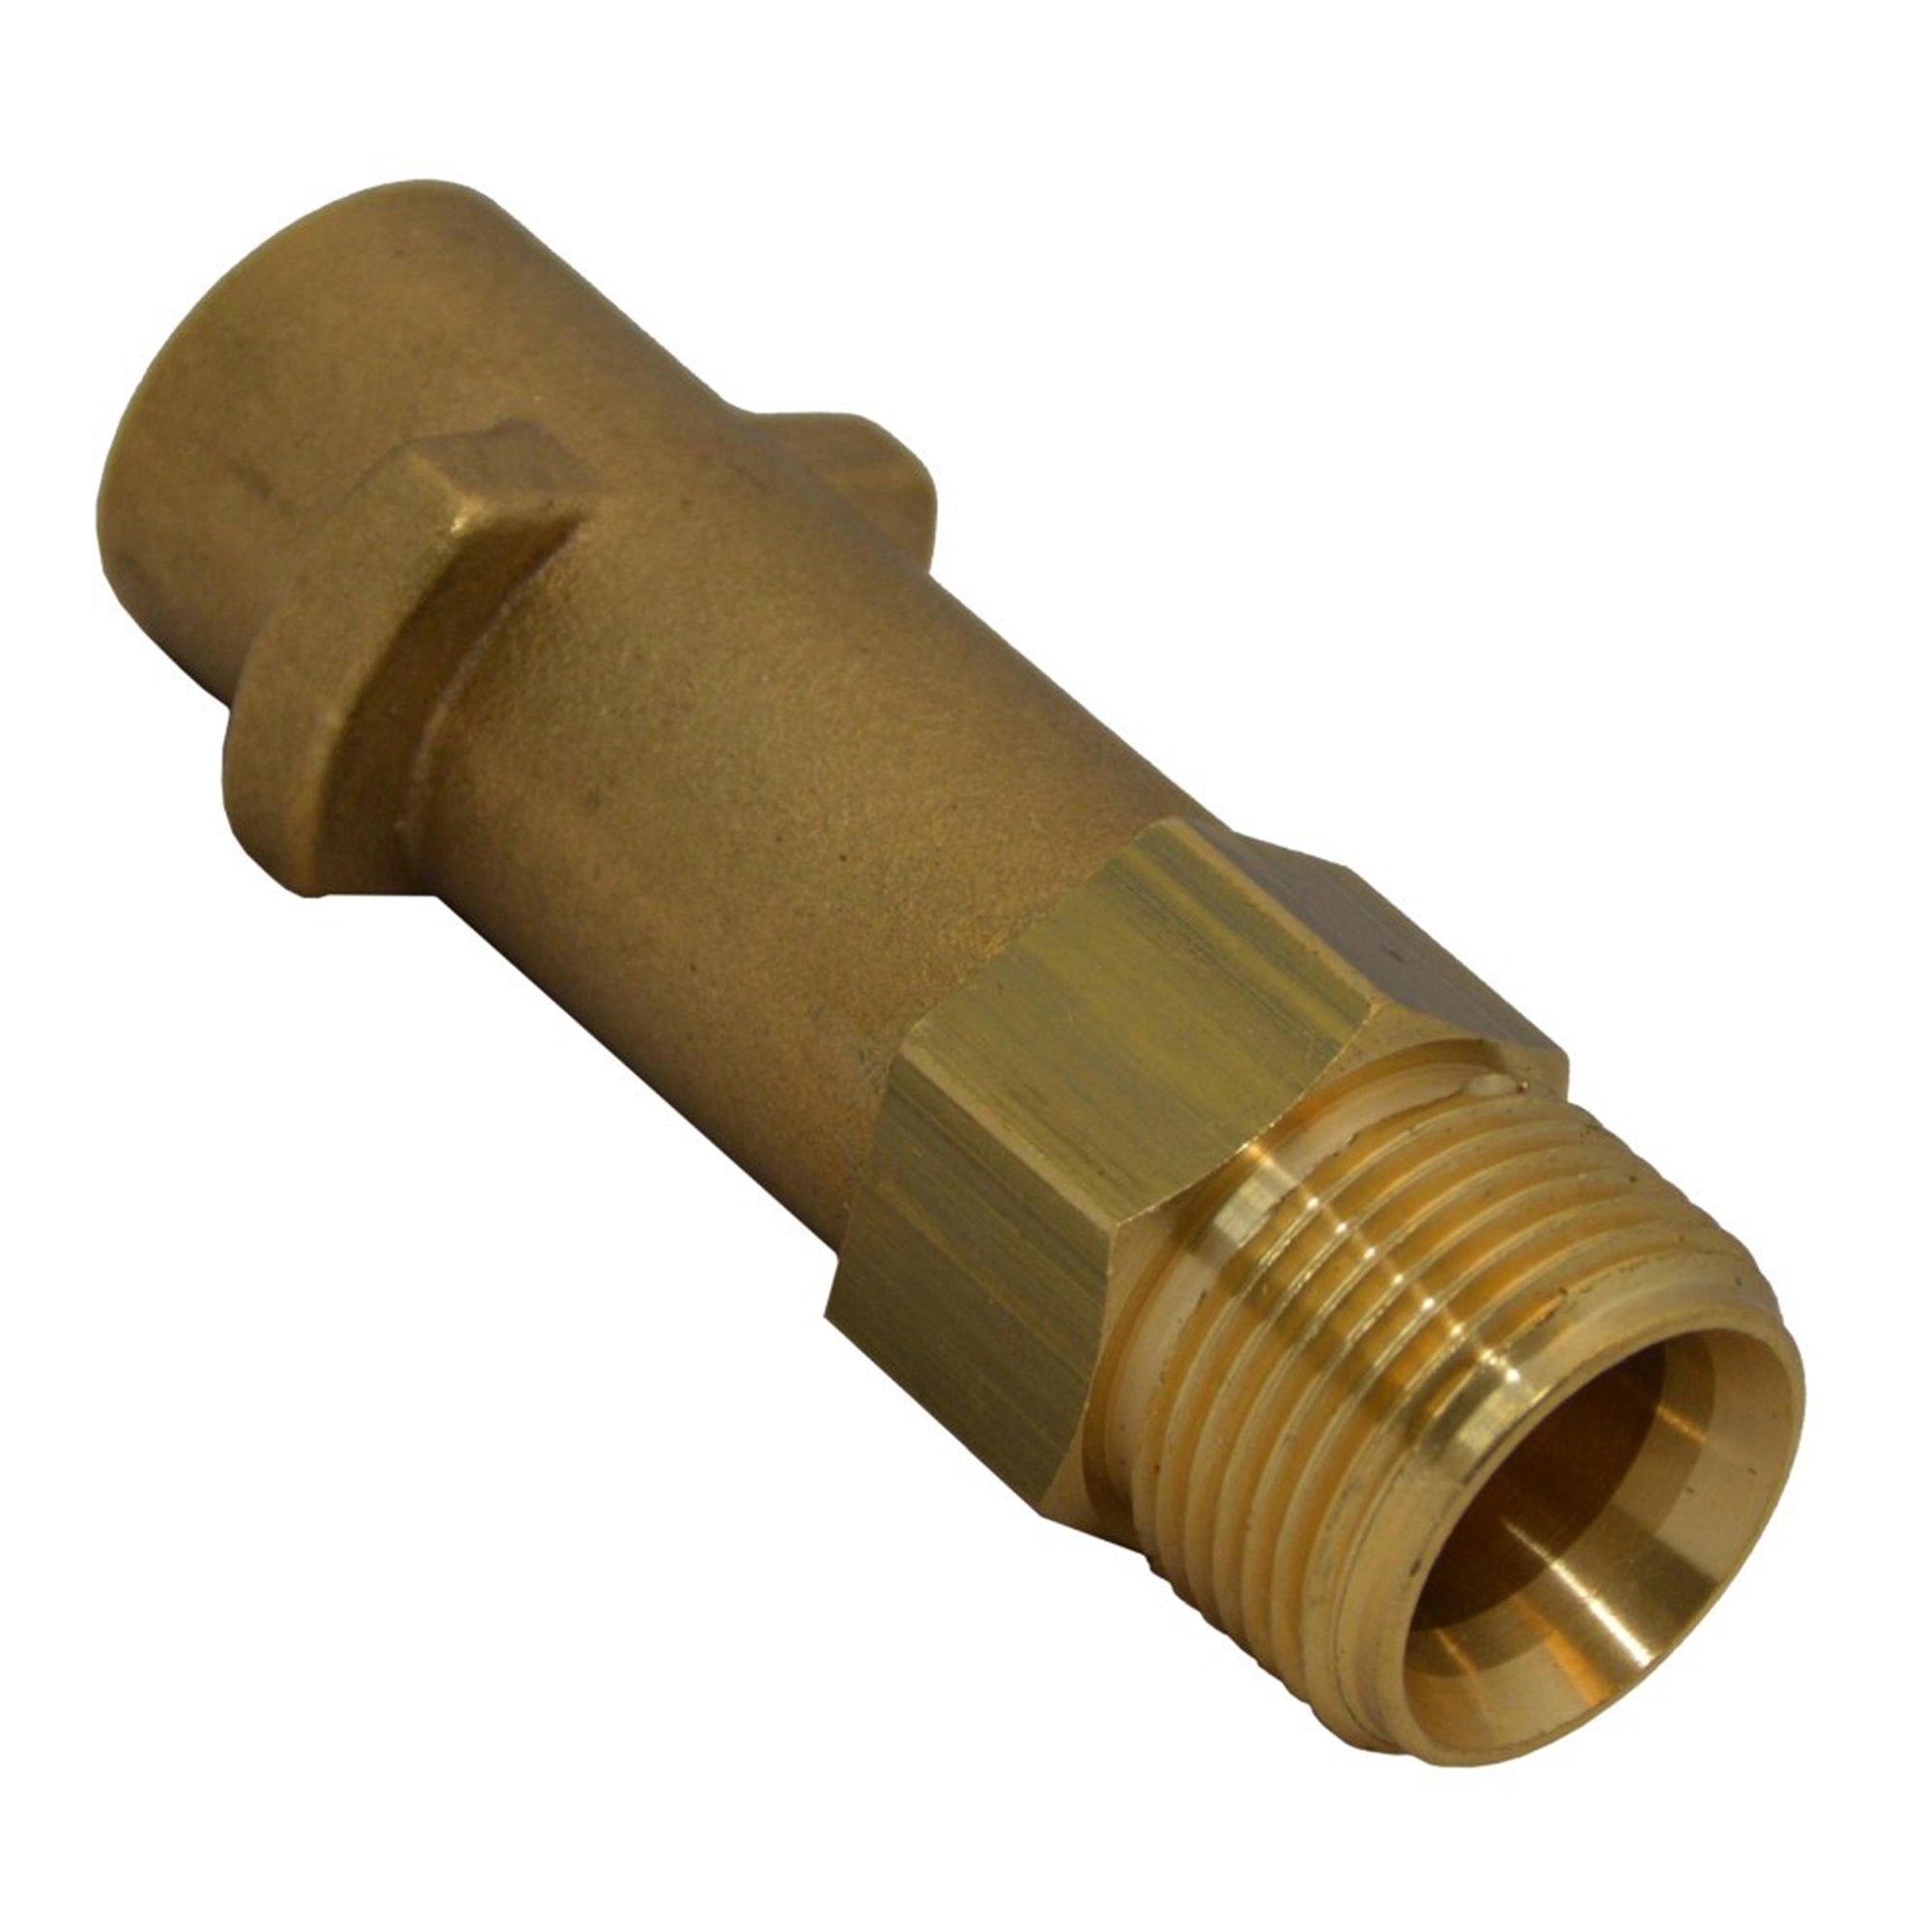 Suttner Adapter Bajonett K Stecker ( Kärcher) Adapter AG 22 : Bajonett K Messing